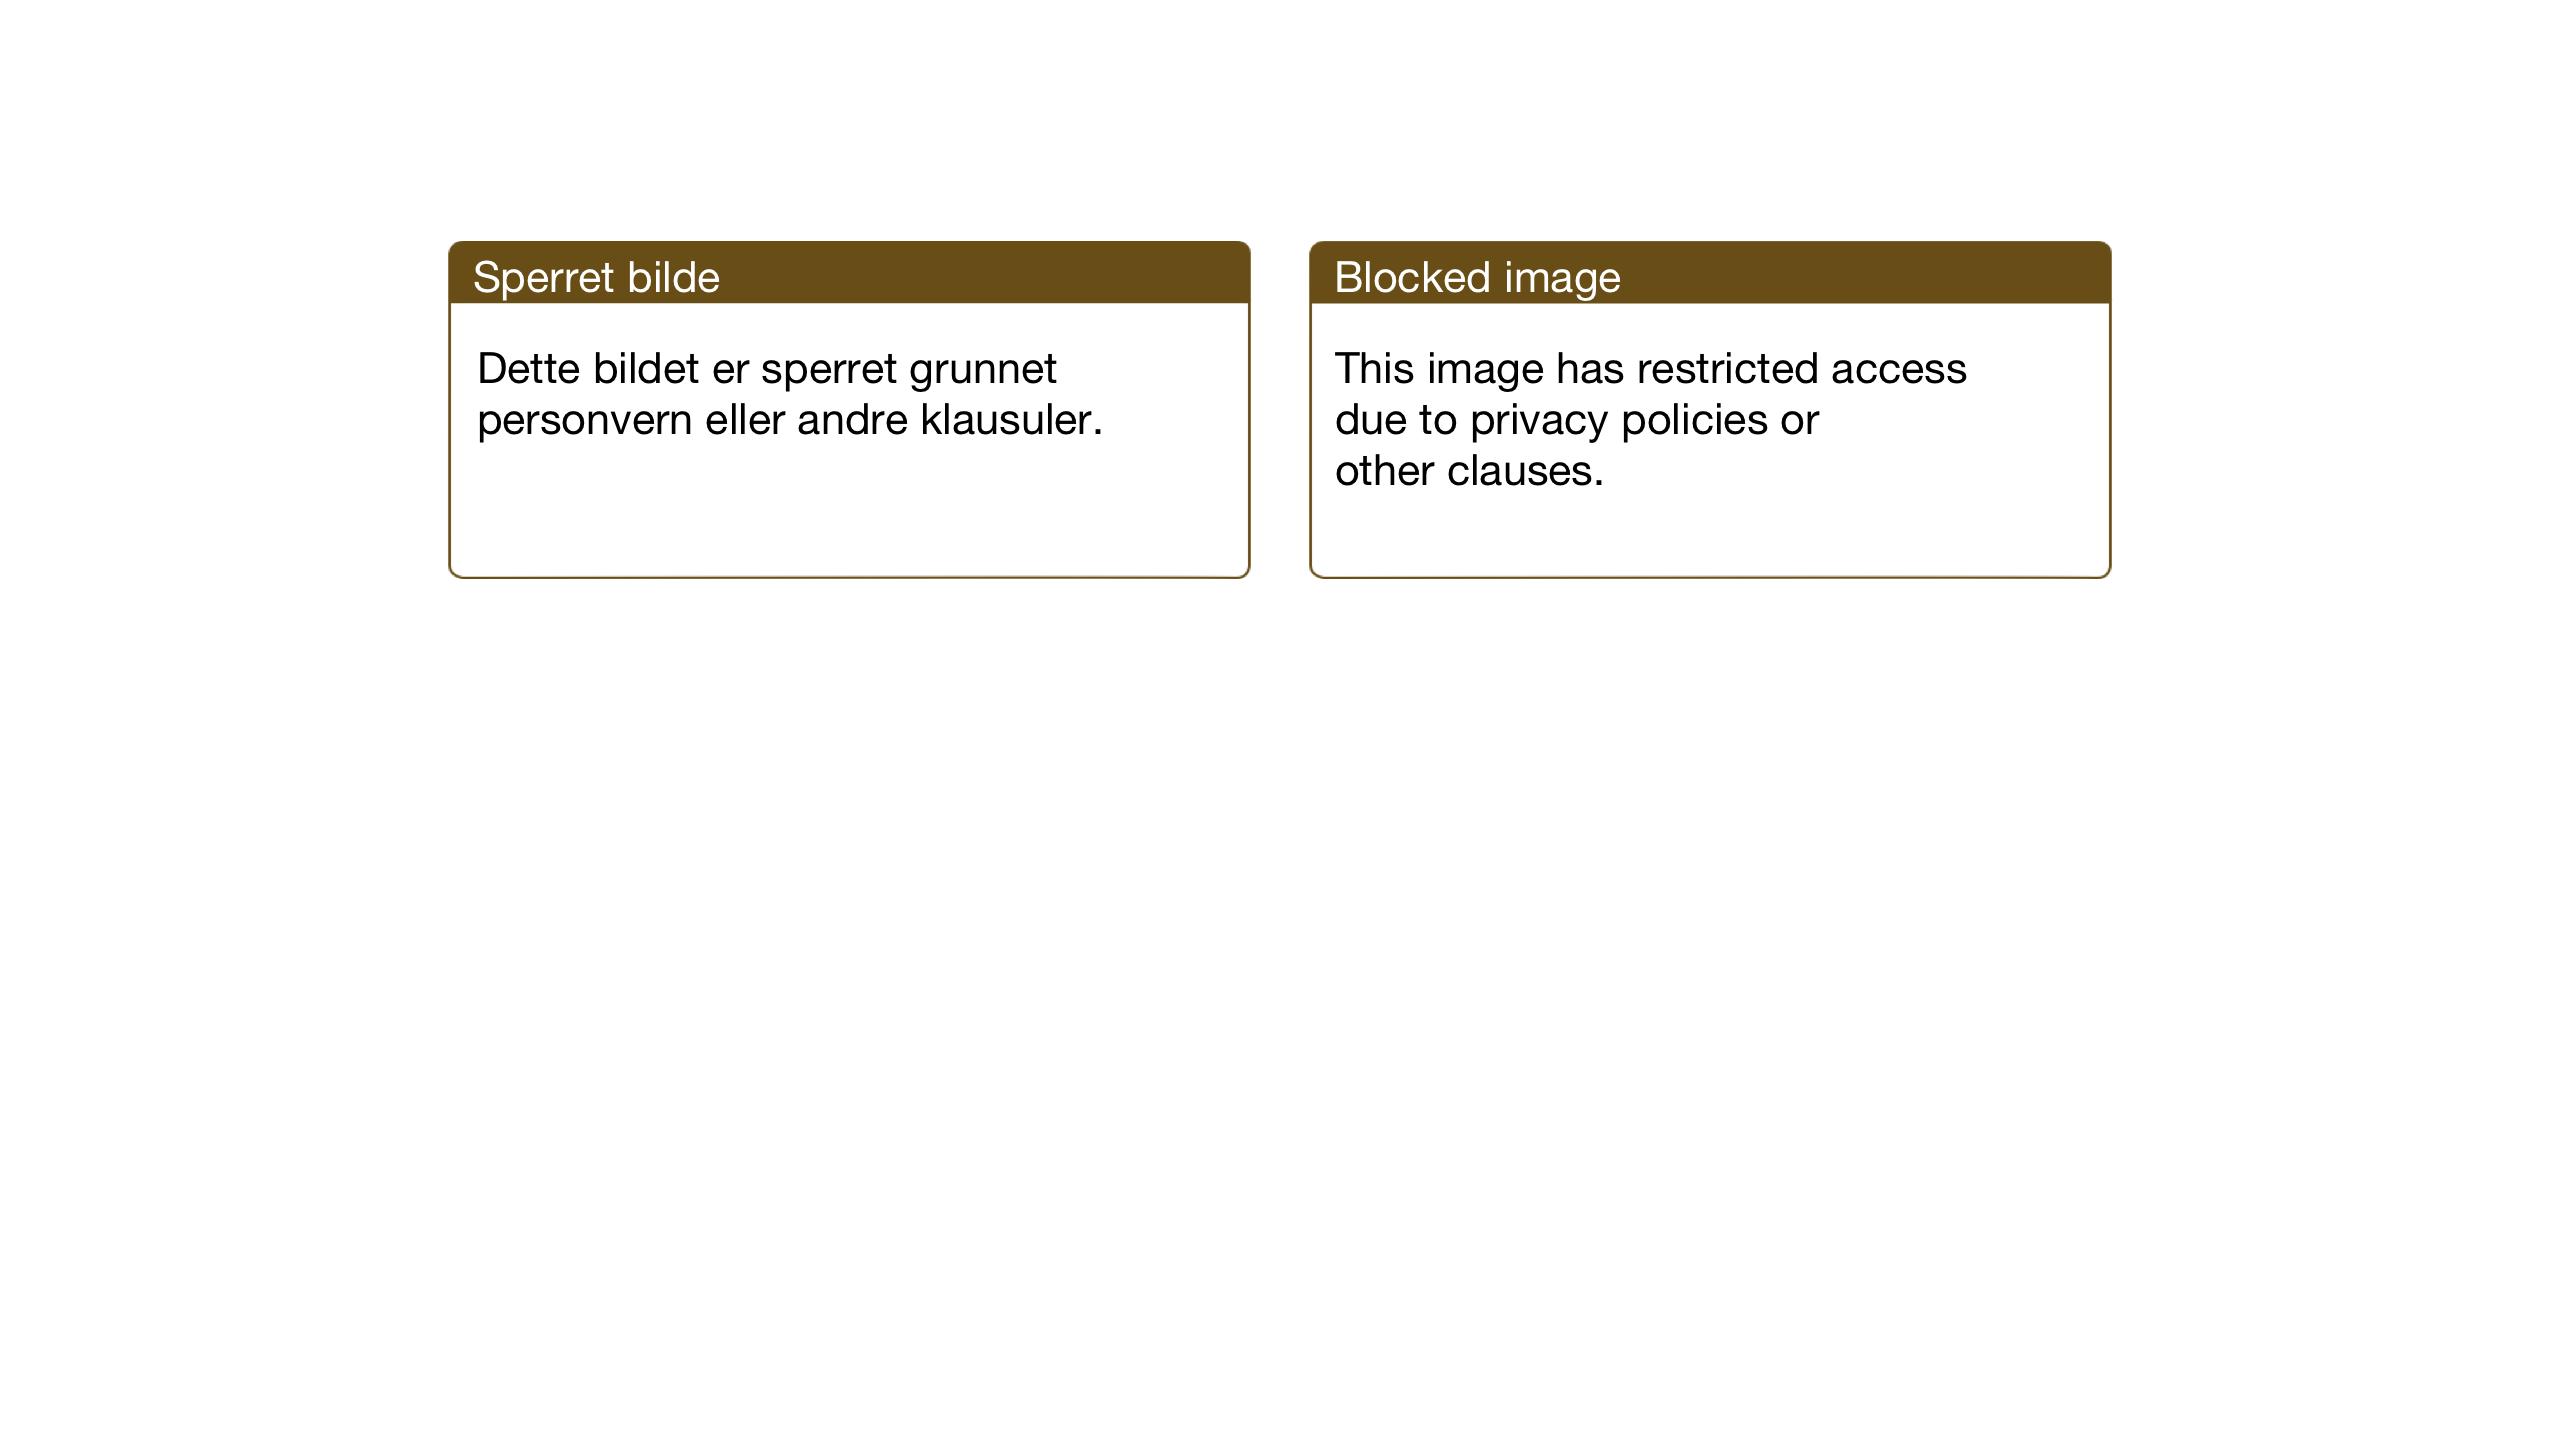 SAT, Ministerialprotokoller, klokkerbøker og fødselsregistre - Sør-Trøndelag, 602/L0150: Klokkerbok nr. 602C18, 1922-1949, s. 171